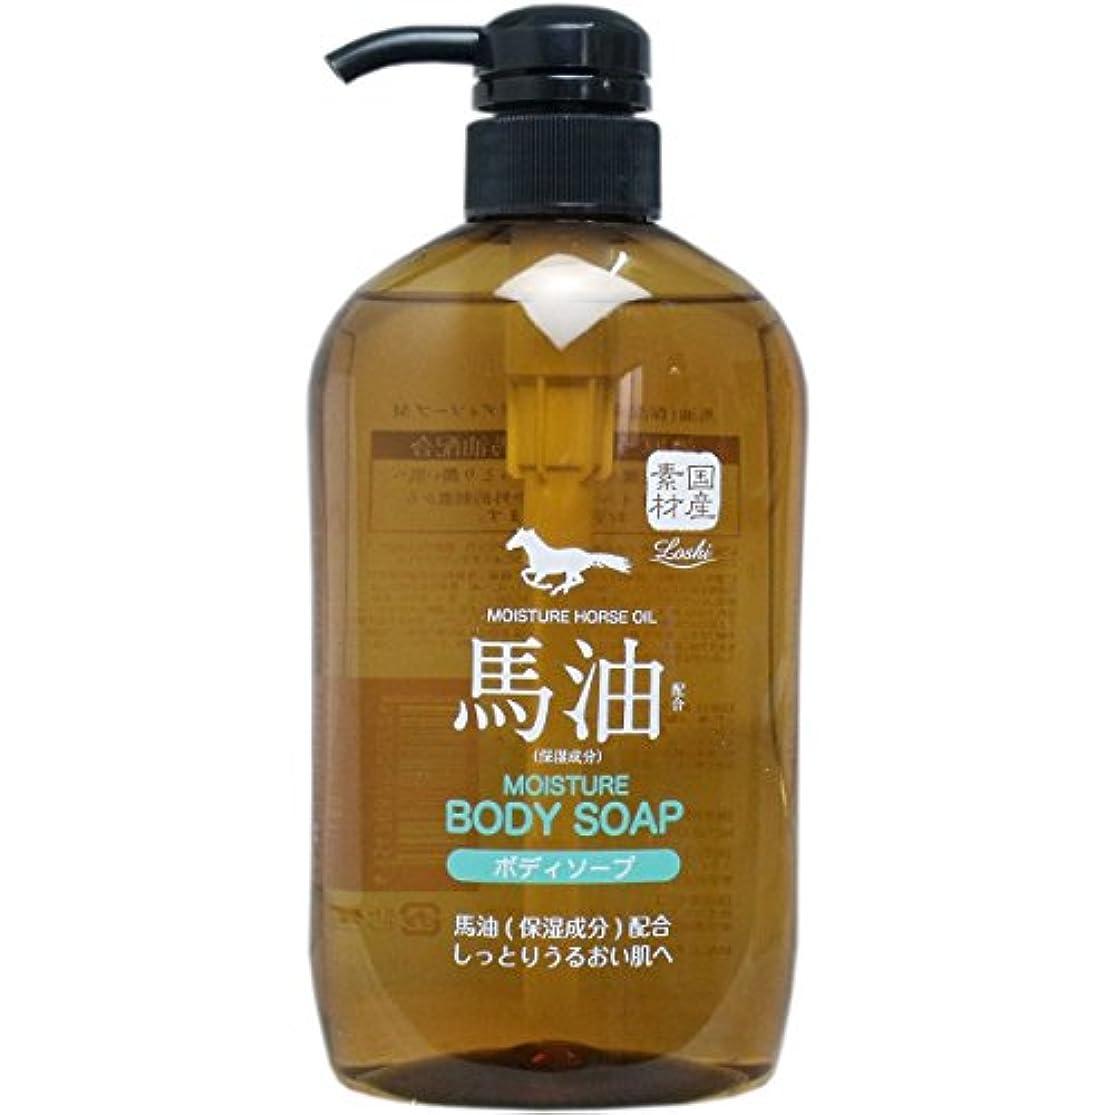 ぴったり敏感な模索馬油(保湿成分)配合 ボディソープ 600ml